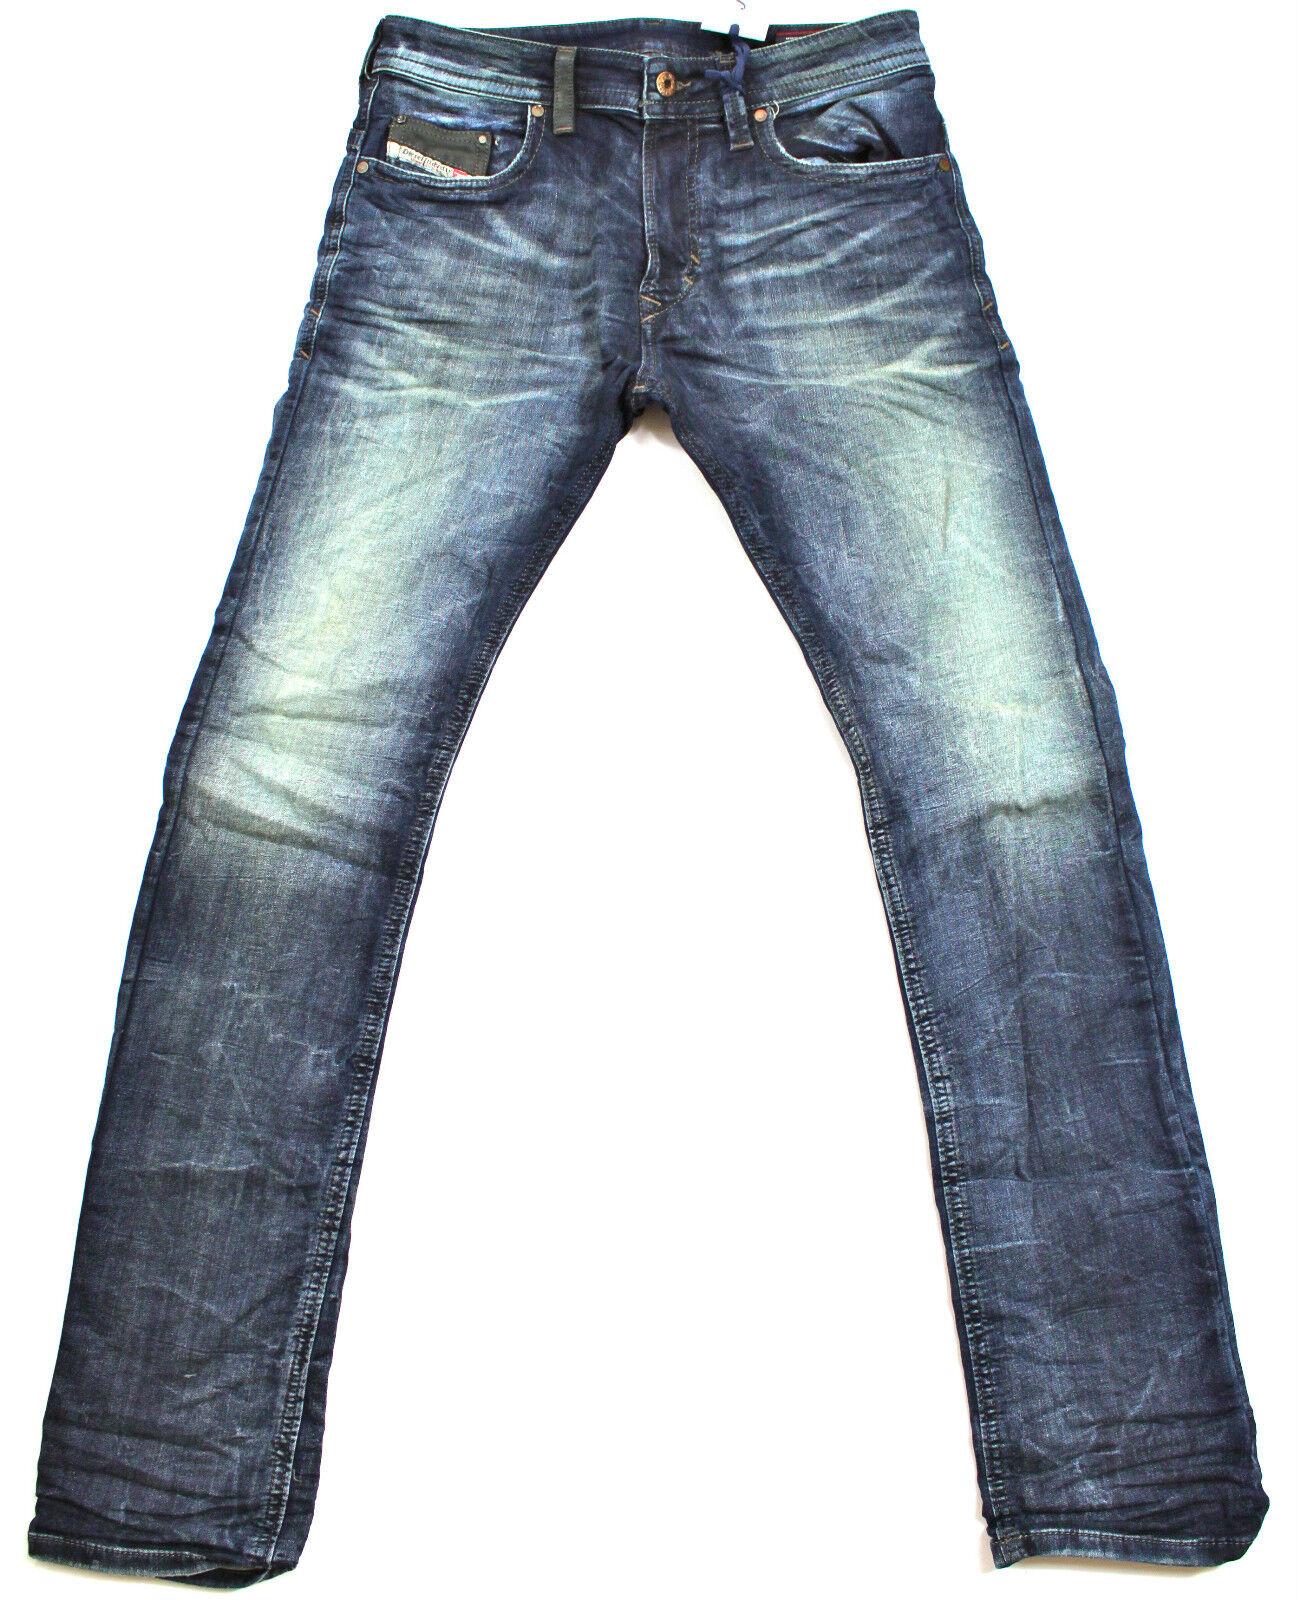 DIESEL Nuovo di Zecca THAVAR-NE 0600 S 28X30 600 S Slim-Skinny Fit